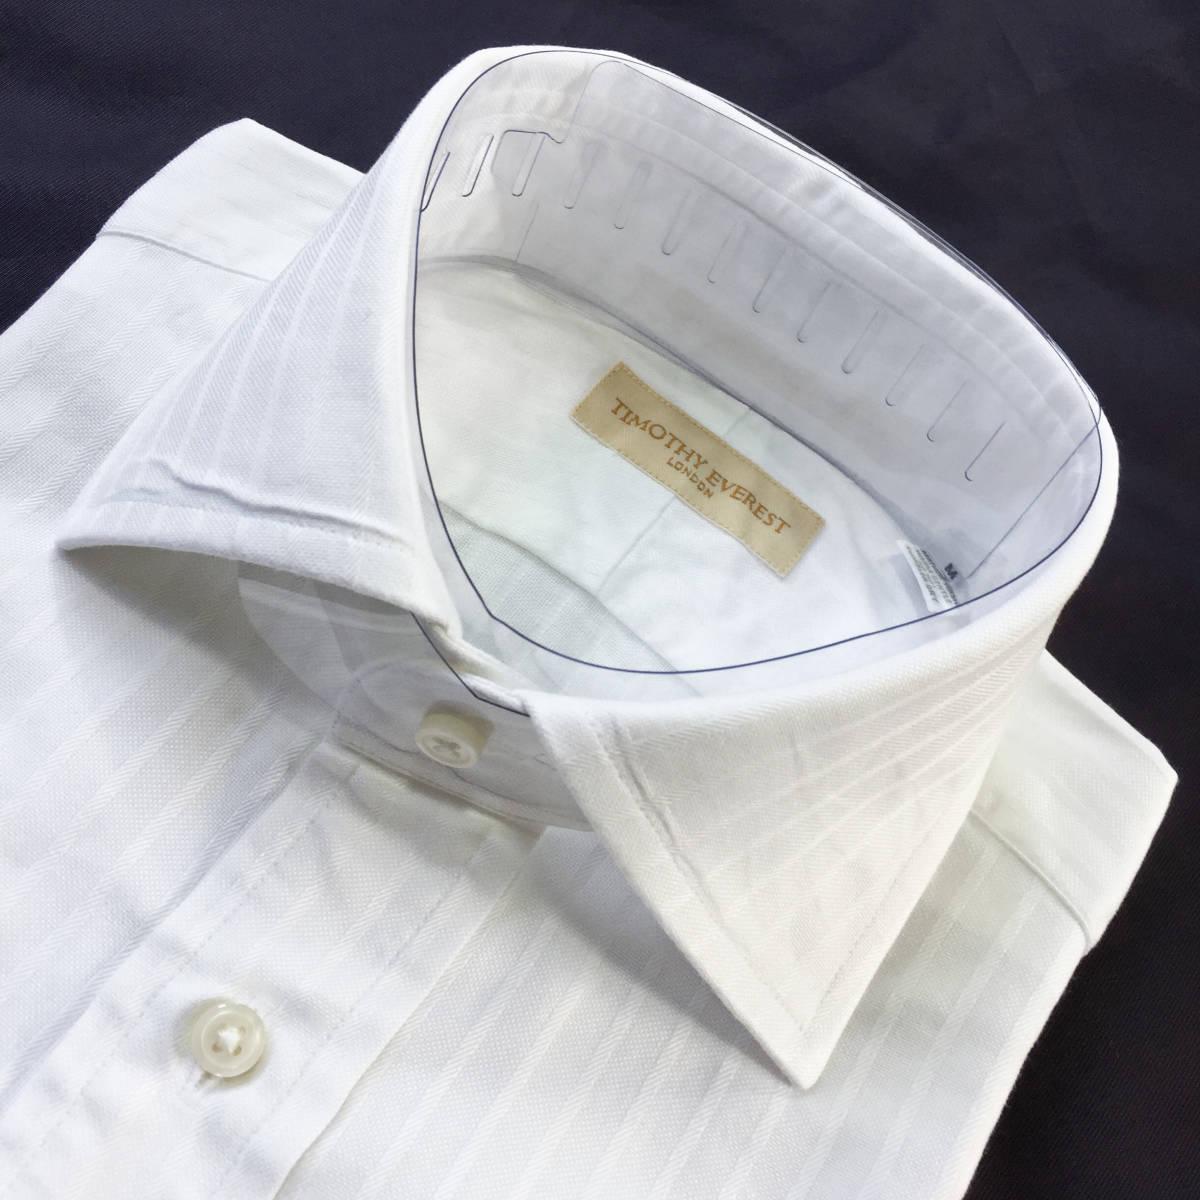 定価¥1.8万【英国名門★ティモシーエベレスト】新品 白 織り柄 ドレスシャツ 胸ポケット付き slimfit M 38_画像8